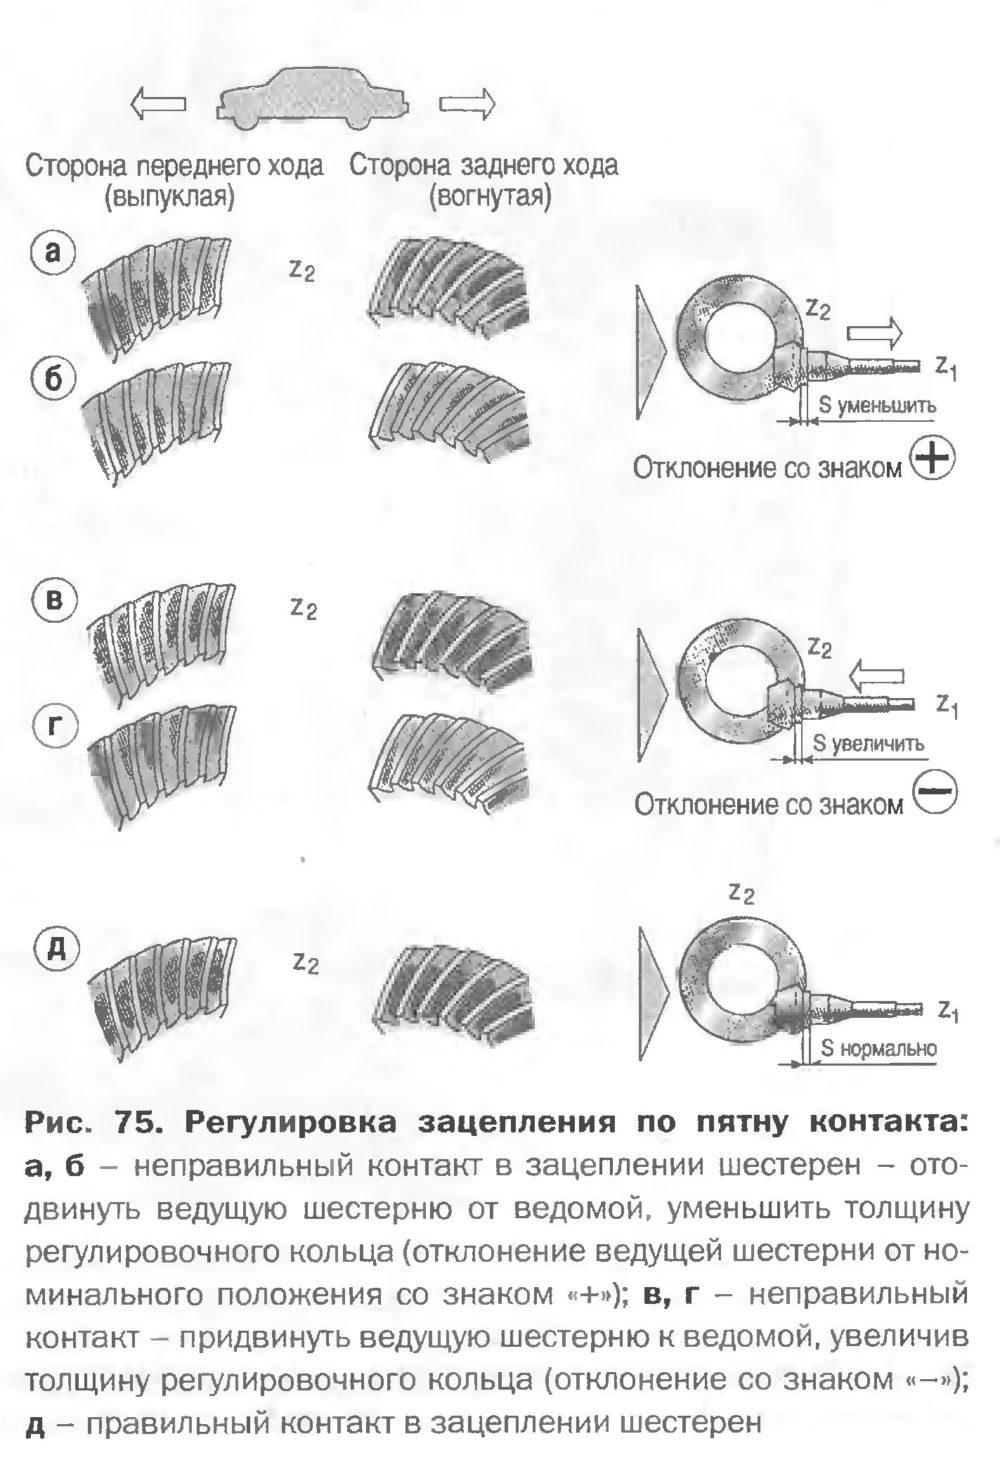 Рис. 75. Регулировка зацепления по пятну контакта